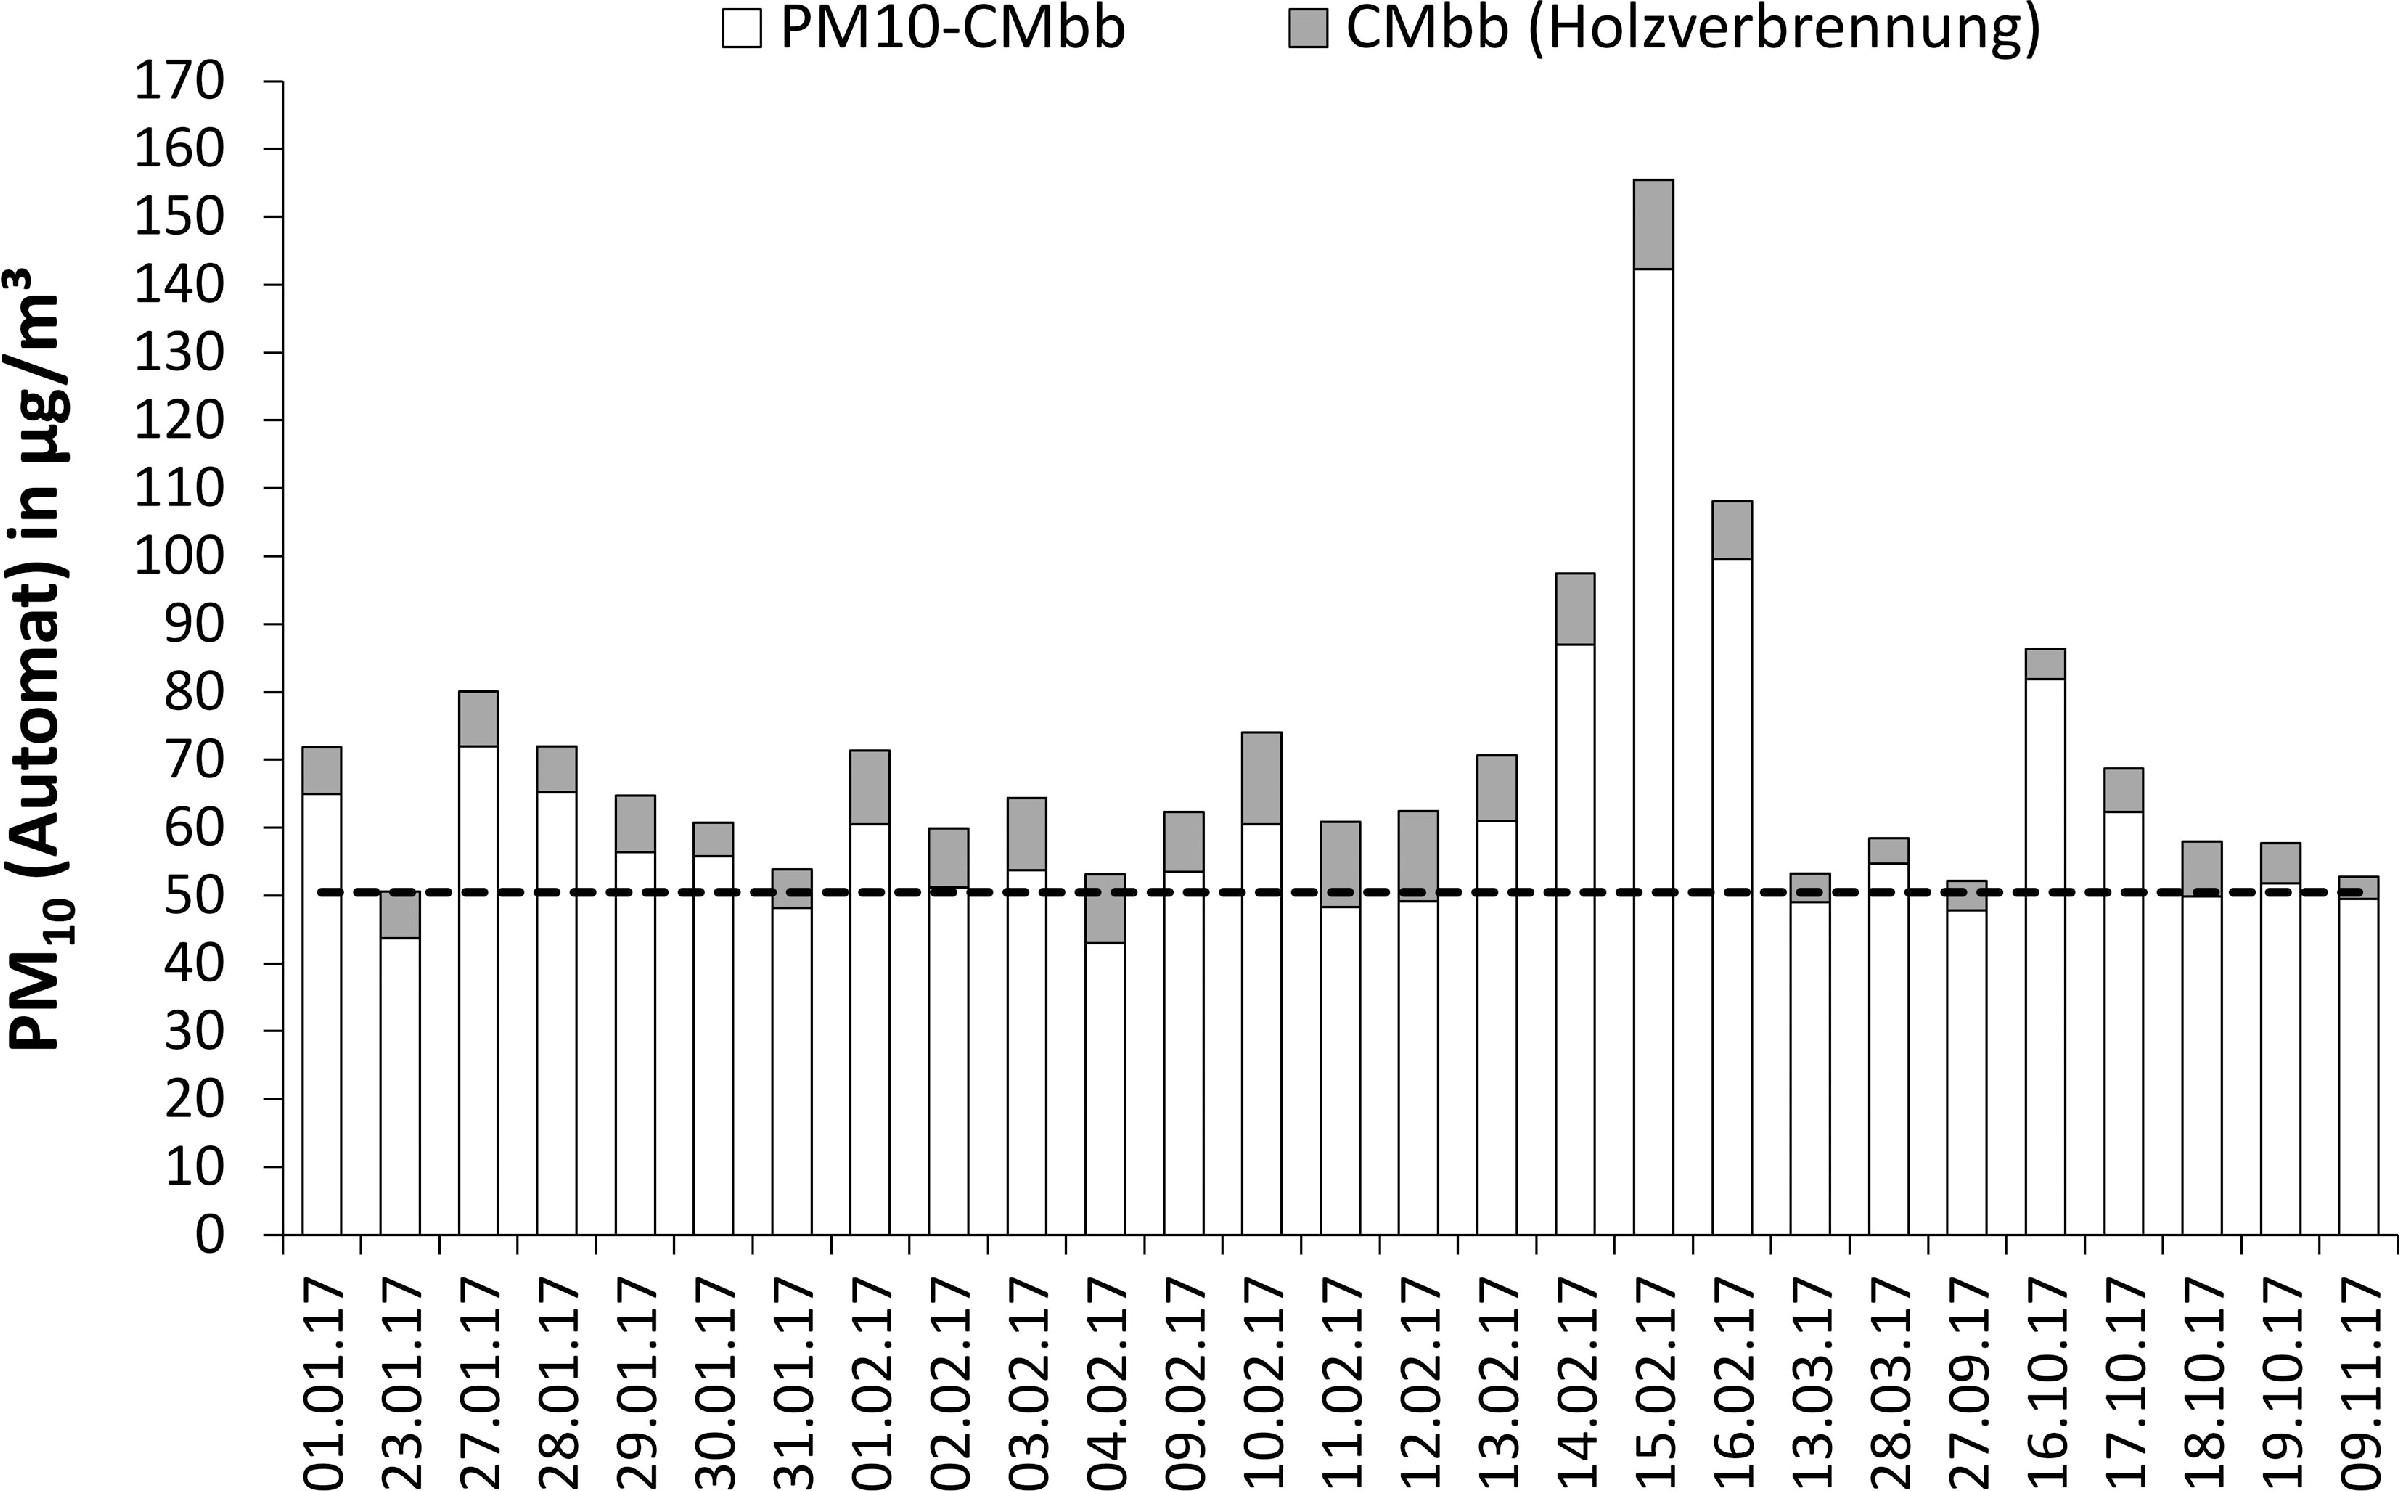 Bild 4. Tage mit PM10-Überschreitungen (PM10 > 50µg/m³) und der jeweils berechnete Holzverbrennungsanteil CMbb aus den AE33-Messungen im Zeitraum 1.1.2017 bis 31.12.2017 an der Messstation Frankfurter Allee. Quelle: TU Berlin